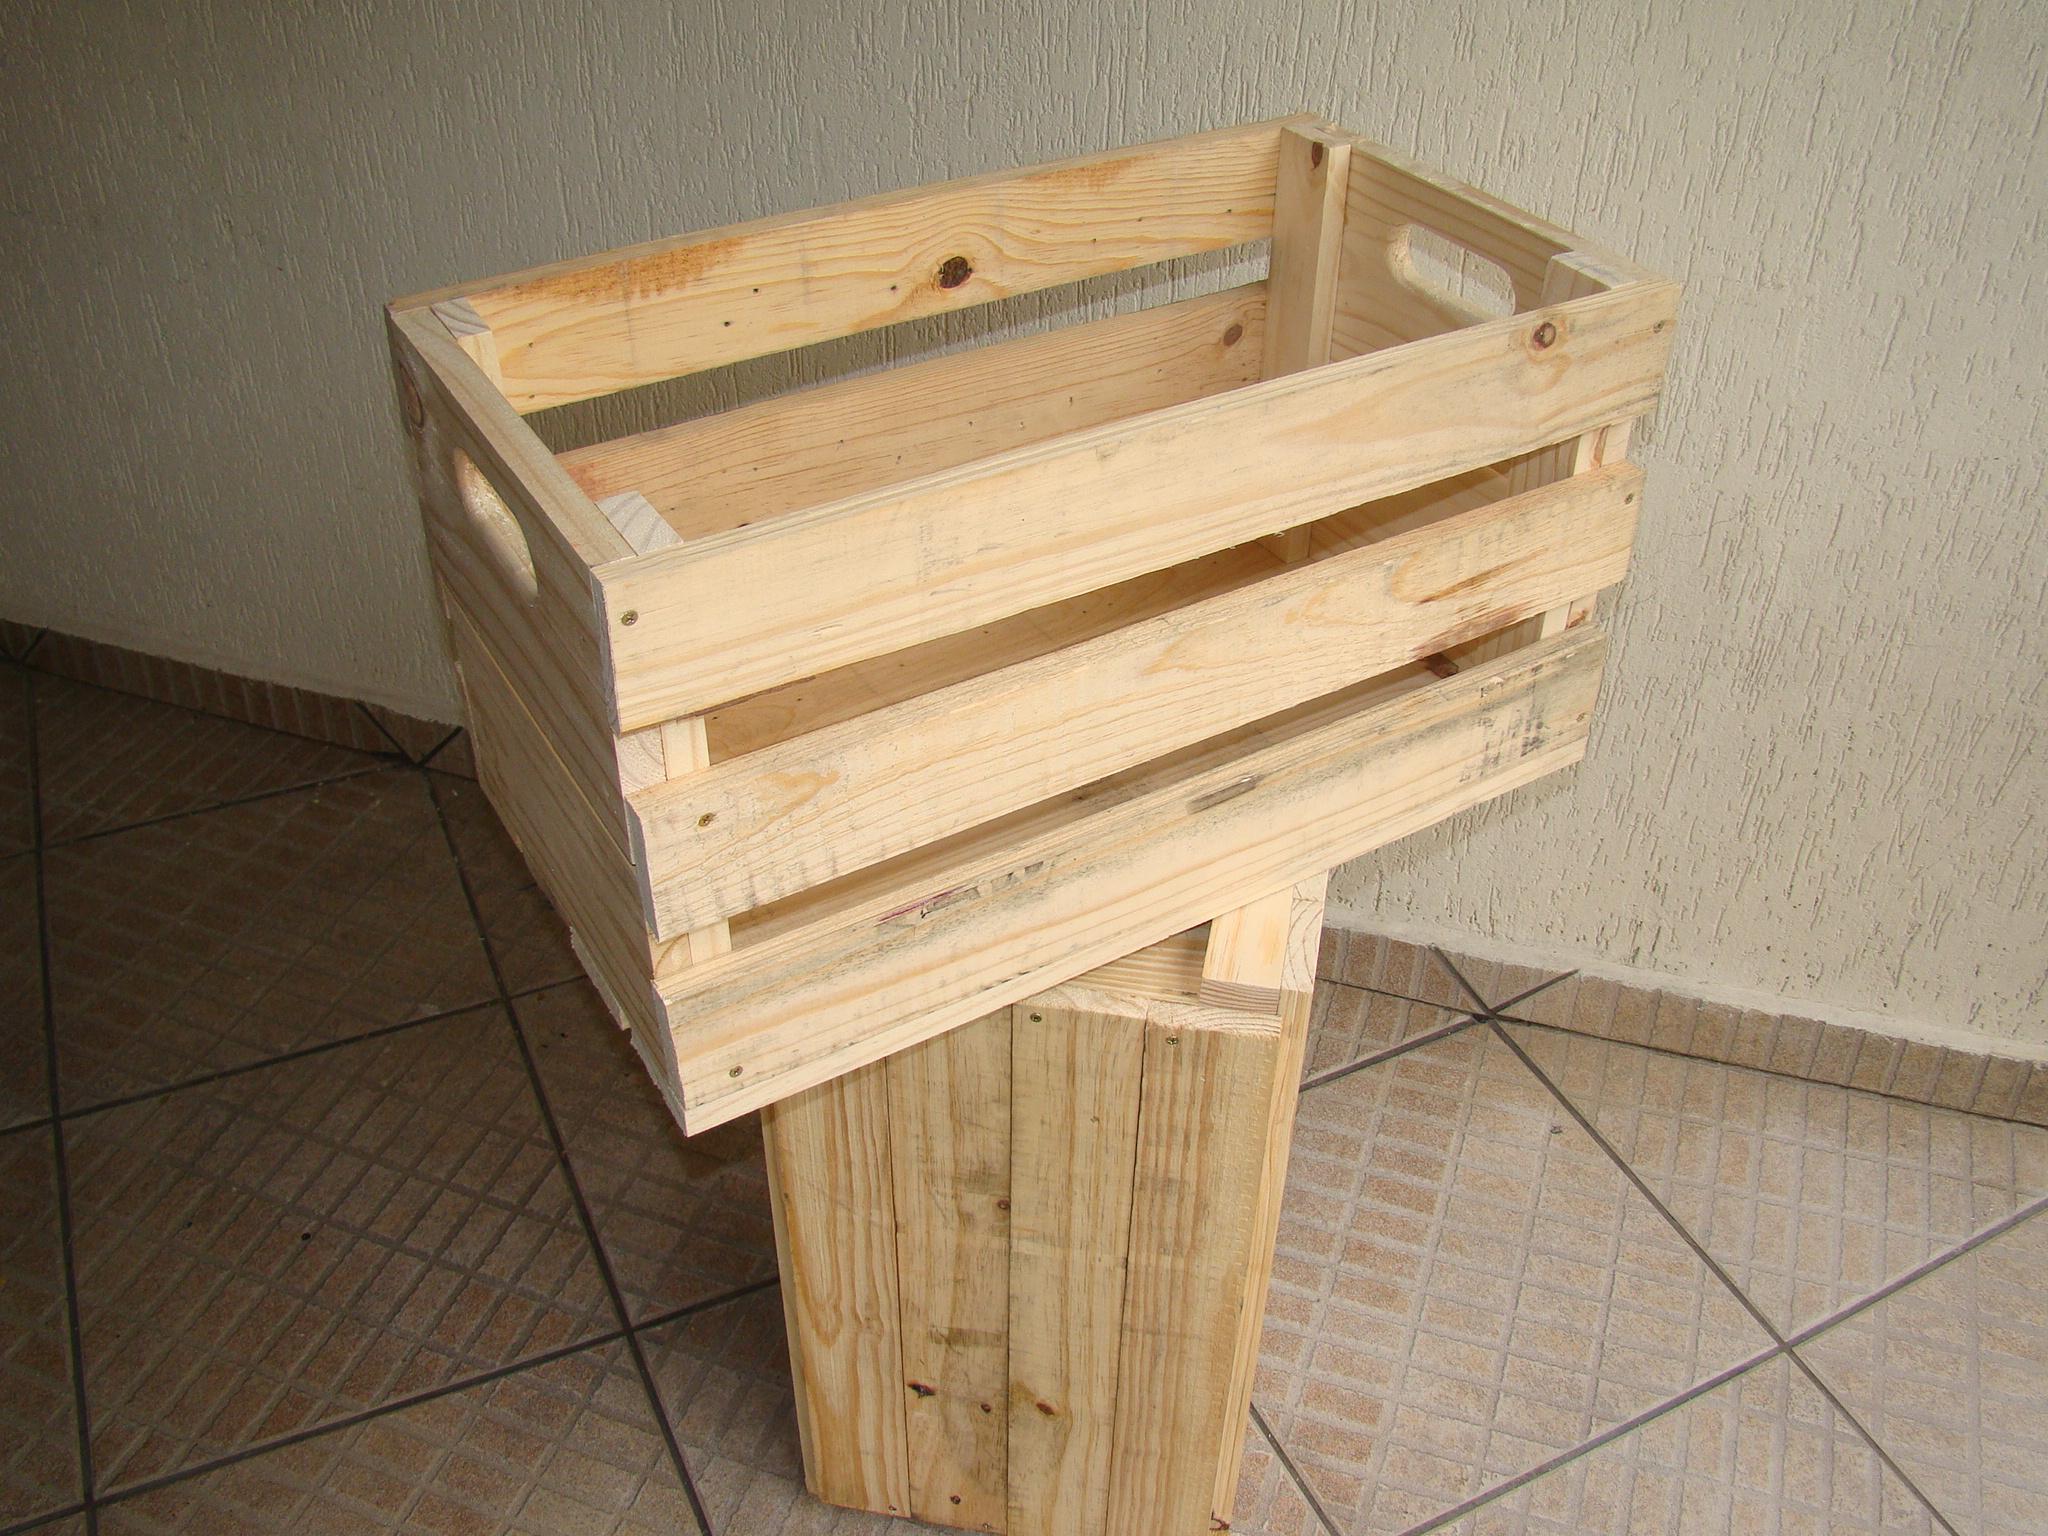 Caixote de Feira  caixotedefeira  Elo7 -> Banheiro Decorado Com Caixote De Feira